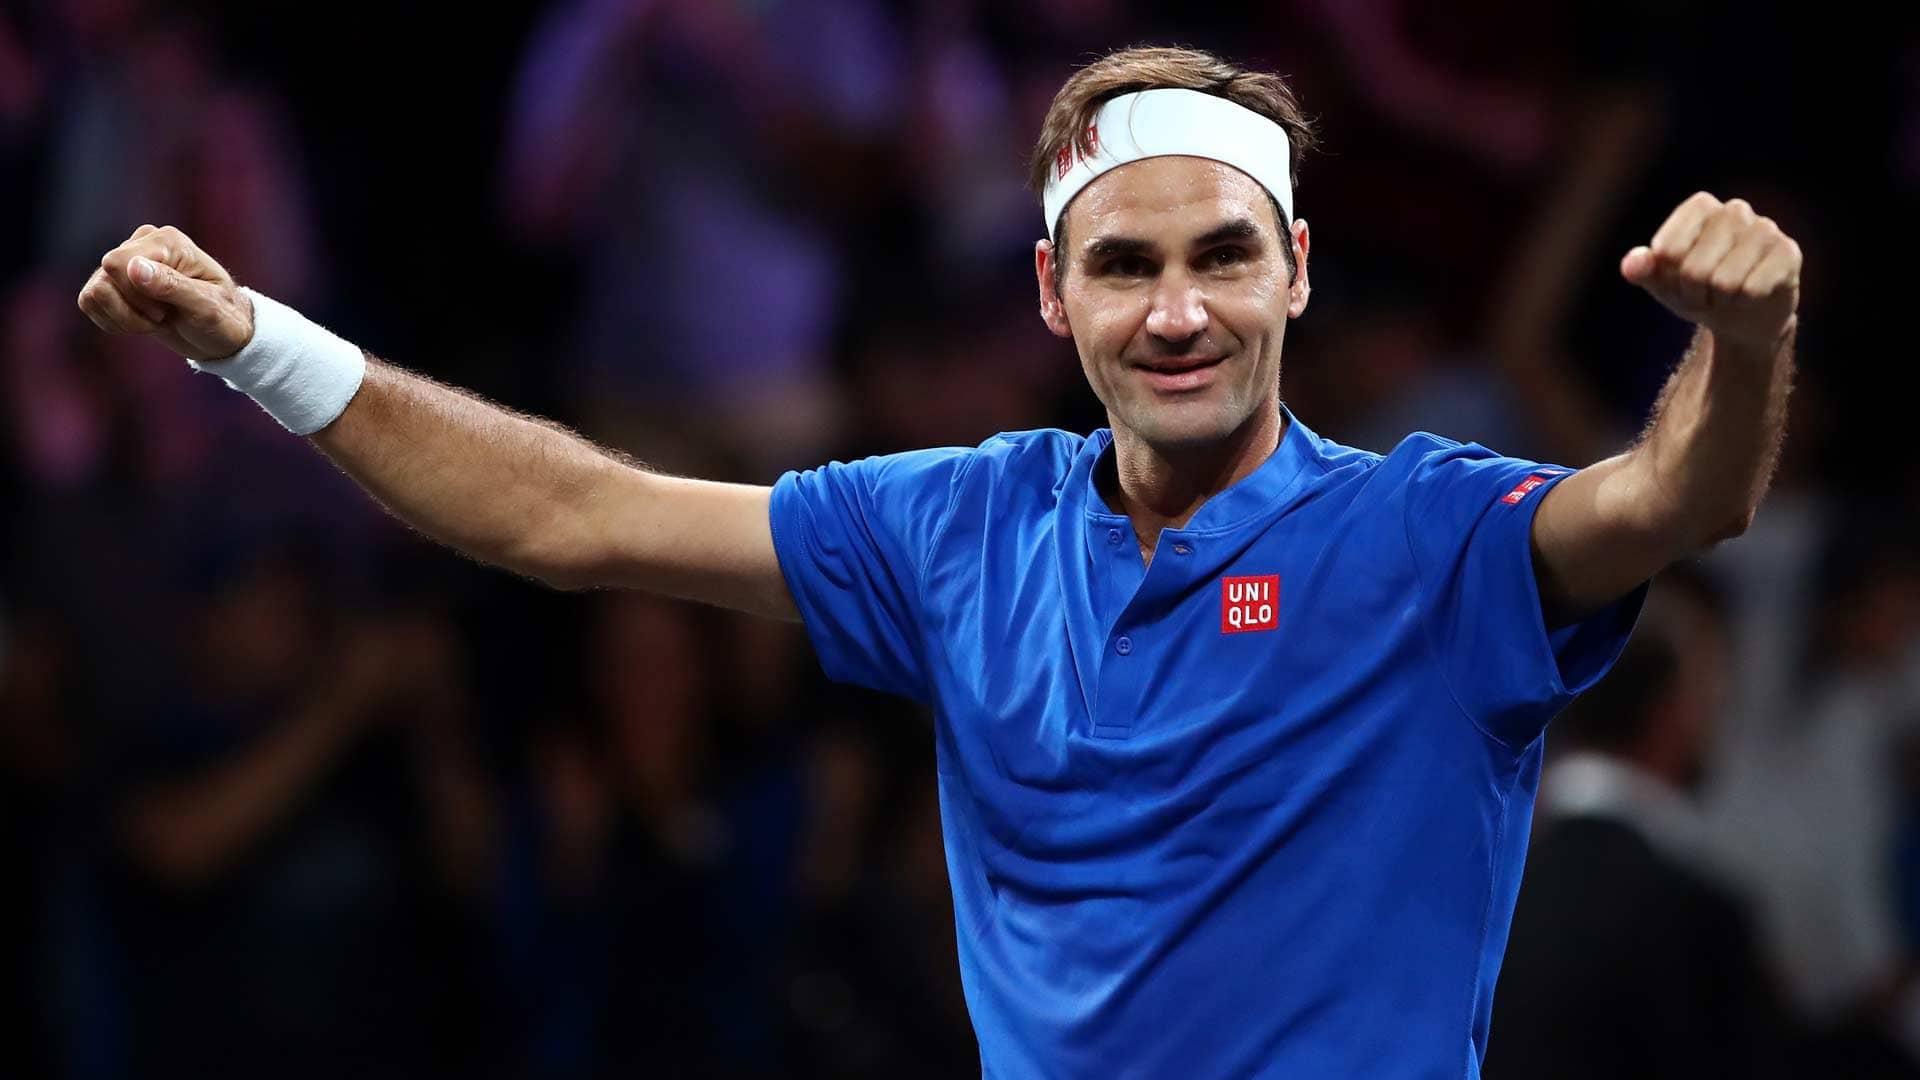 <a href='https://www.atptour.com/en/players/roger-federer/f324/overview'>Roger Federer</a> celebrates beating <a href='https://www.atptour.com/en/players/john-isner/i186/overview'>John Isner</a> at the <a href='https://www.atptour.com/en/tournaments/laver-cup/9210/overview'>Laver Cup</a>